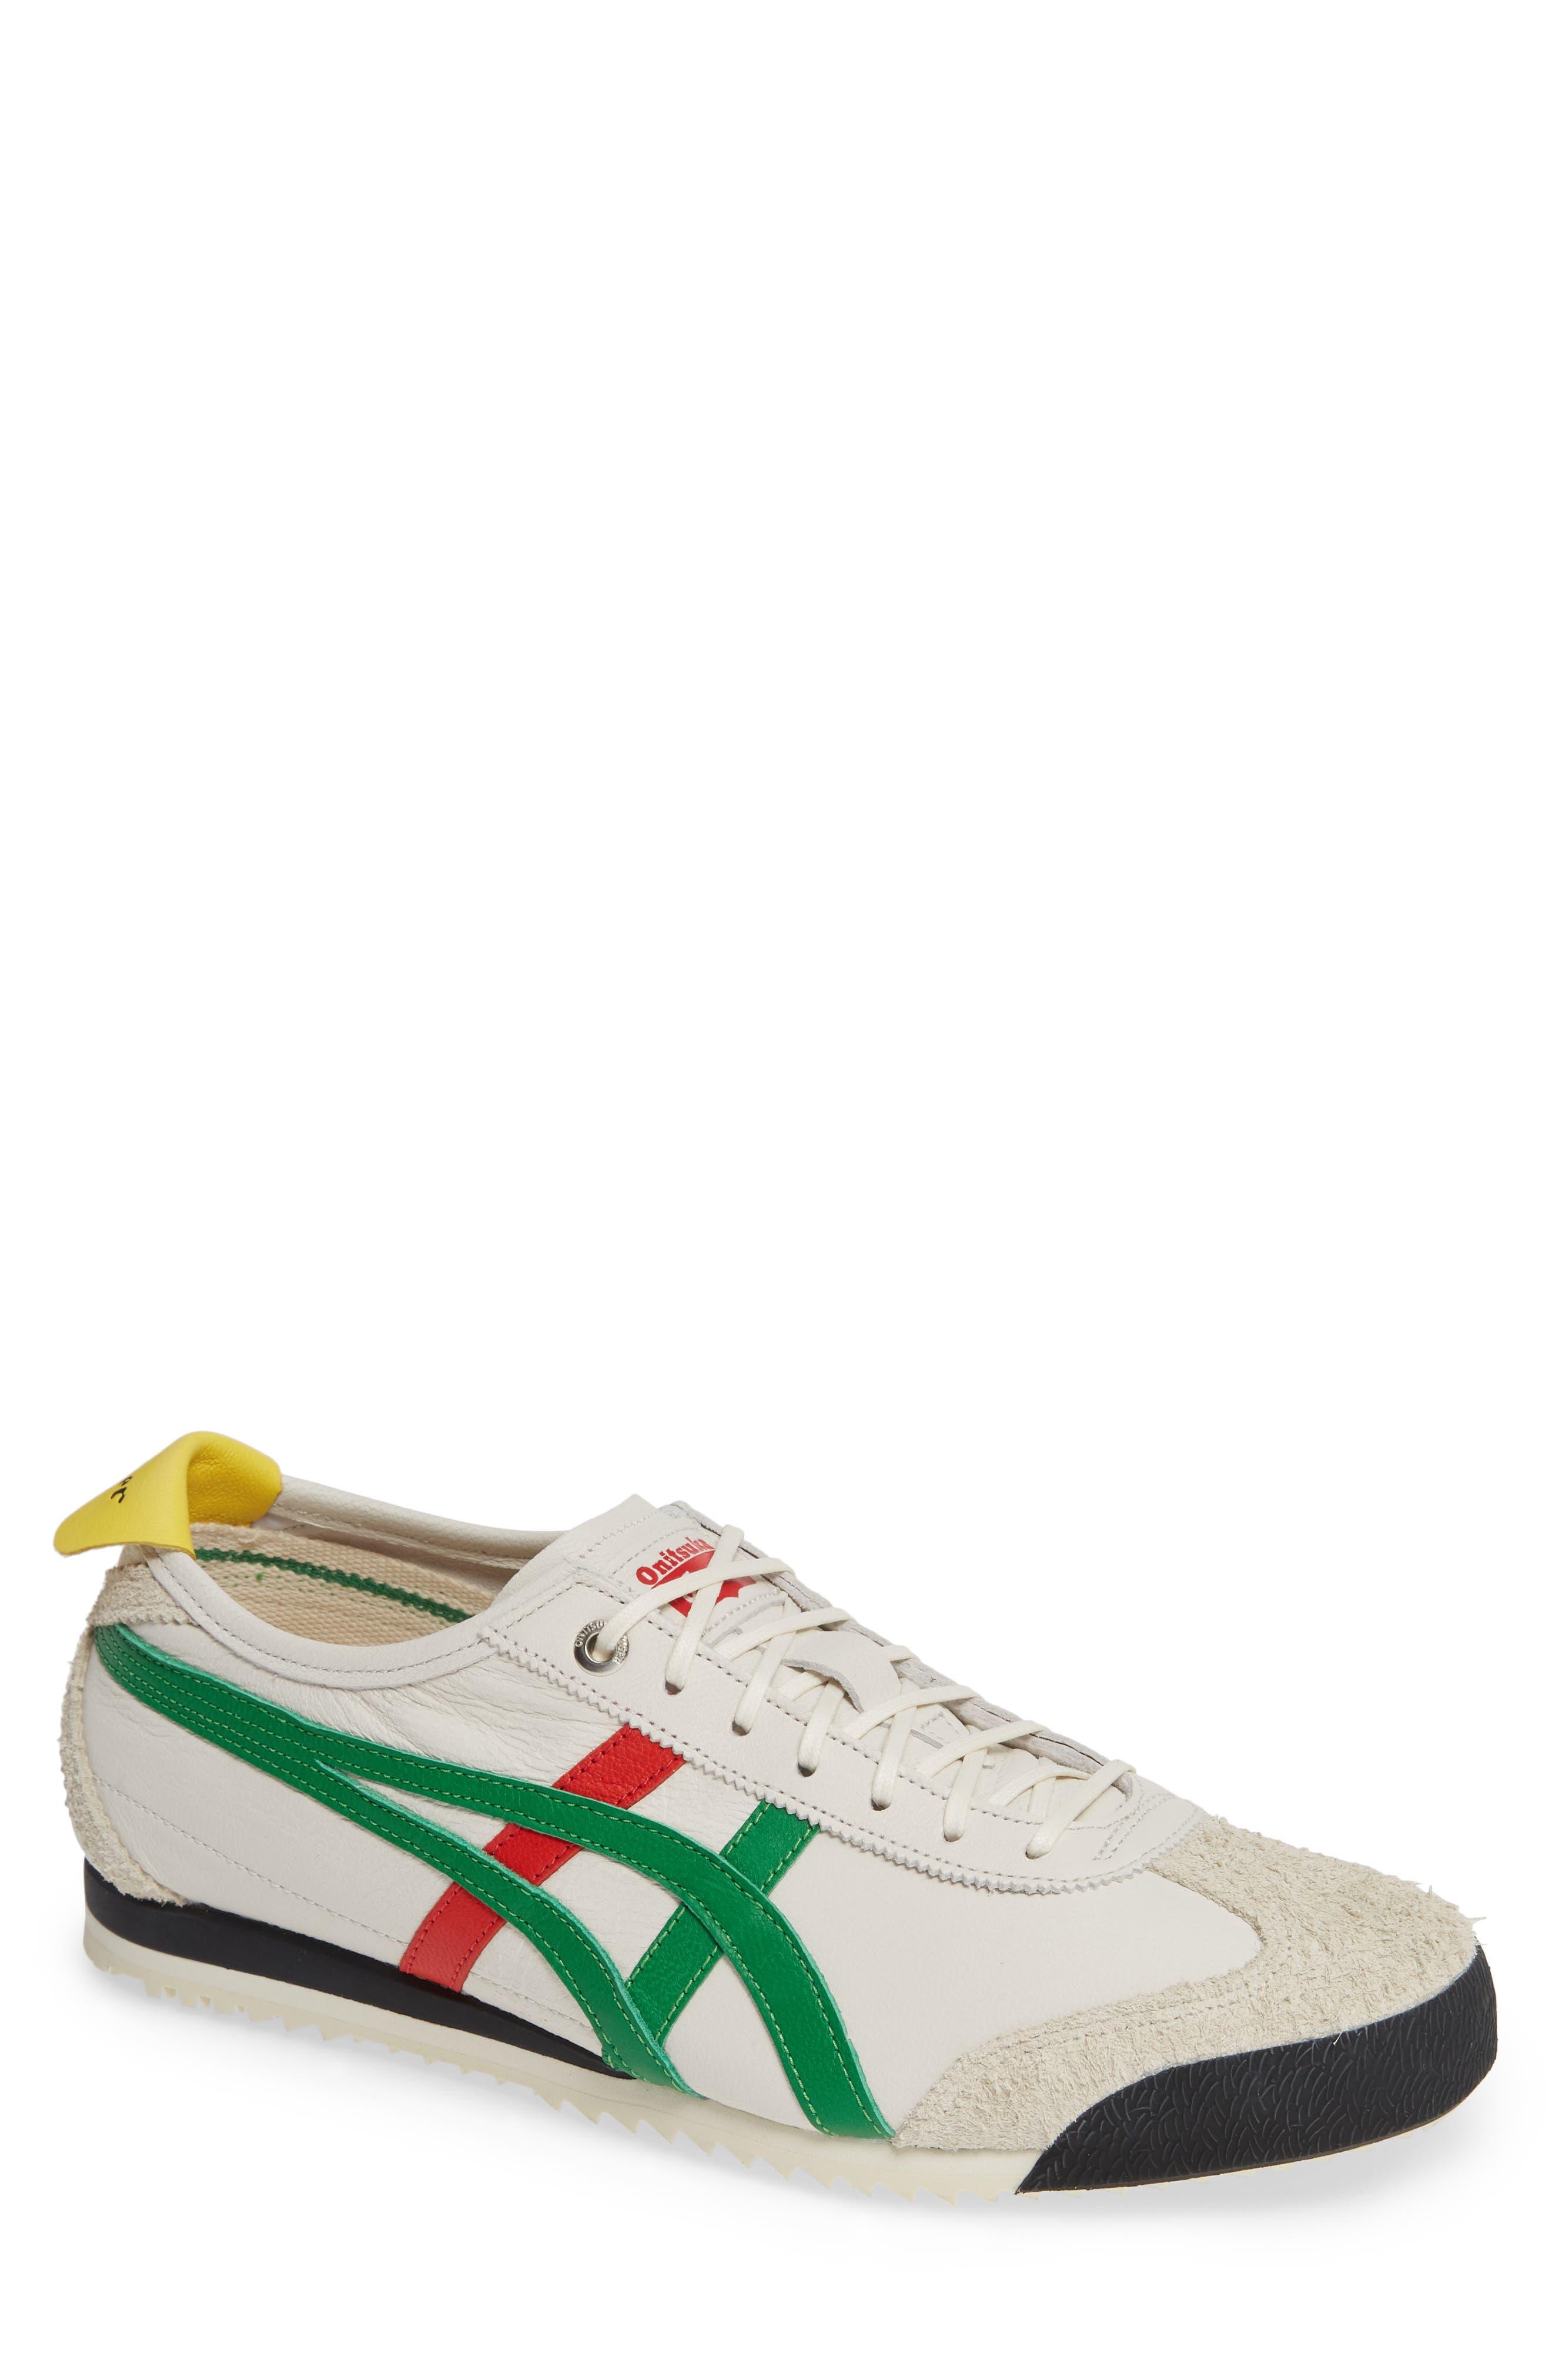 Mexico SD Sneaker,                         Main,                         color, CREAM/ GREEN